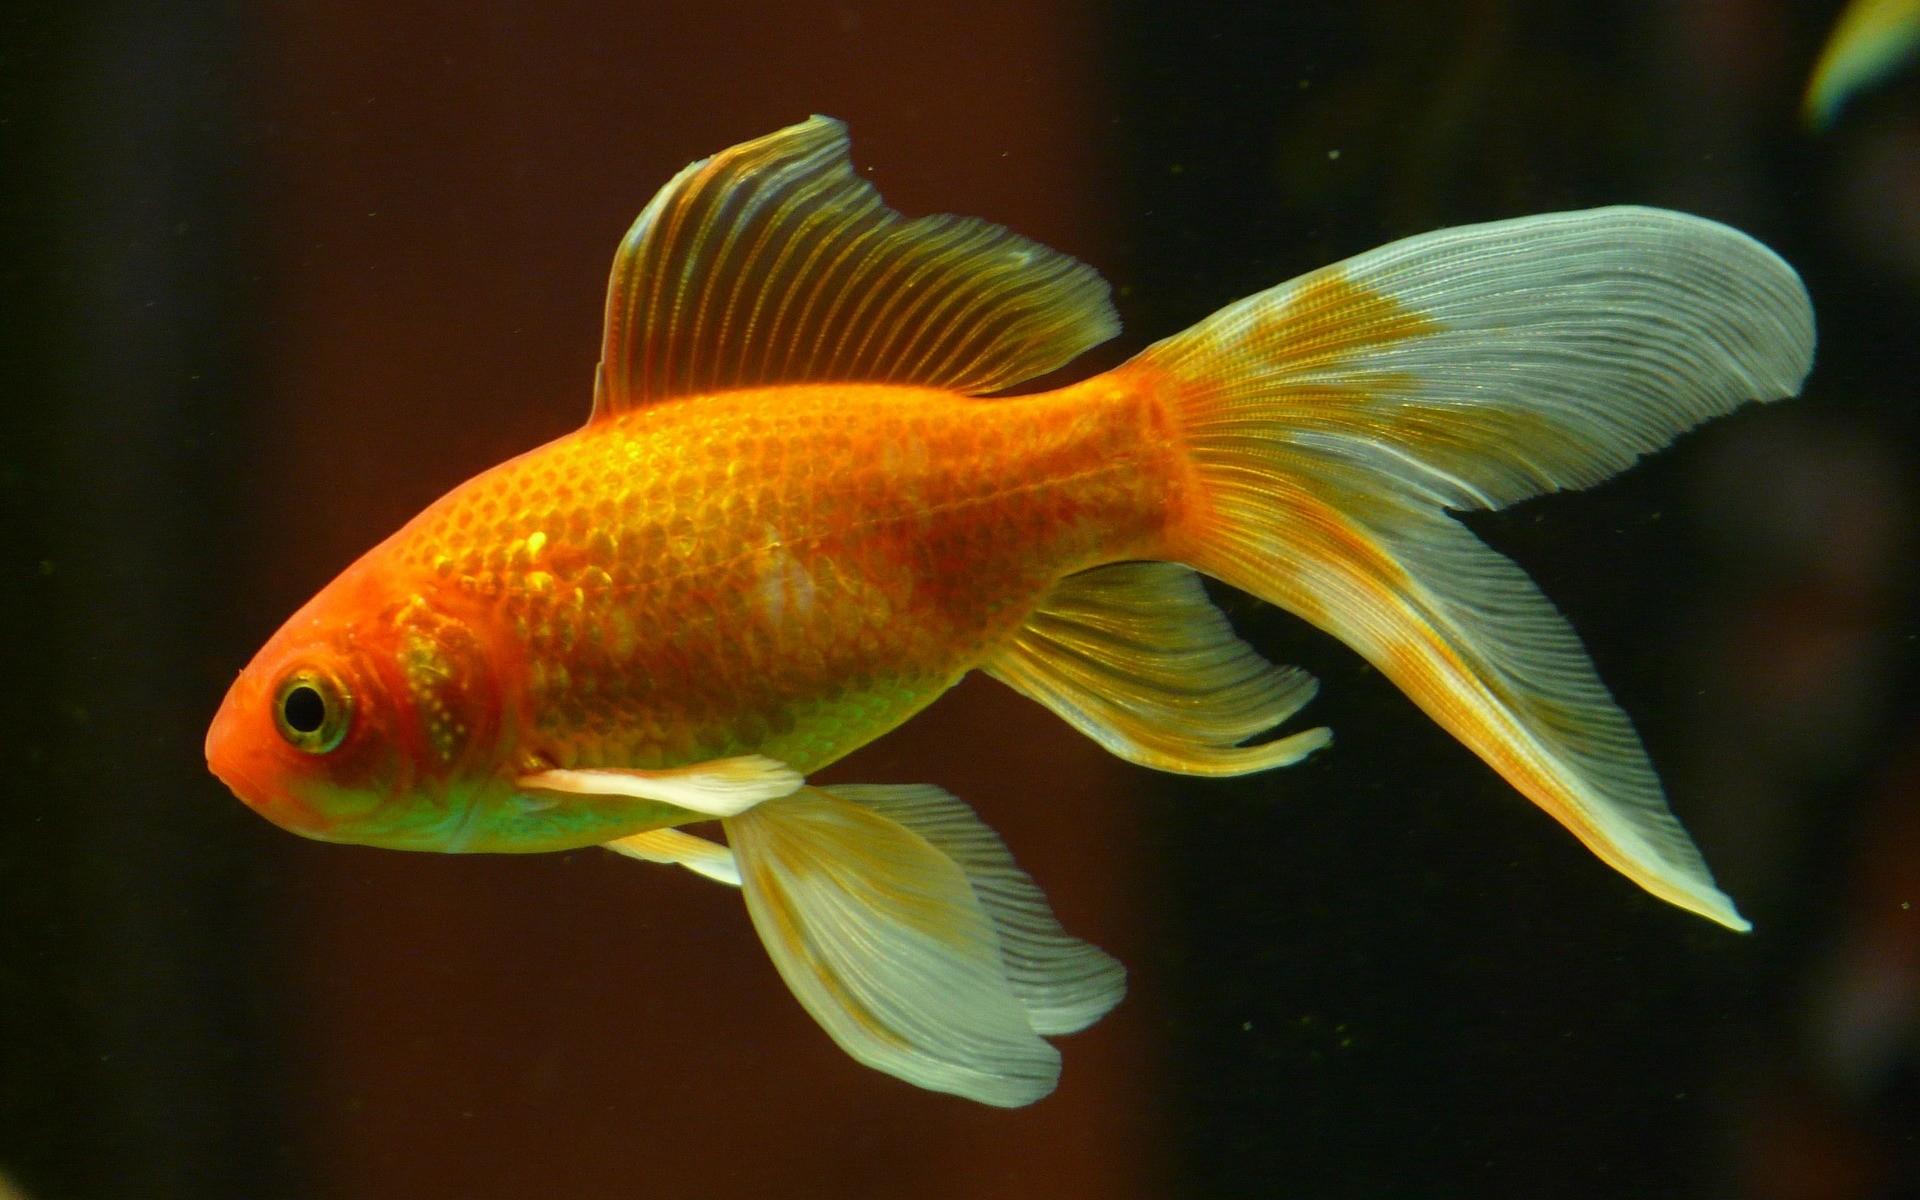 Fonds D'écran Aquarium Poissons Gratuits tout Poisson Rouge Jeux Gratuit En Ligne